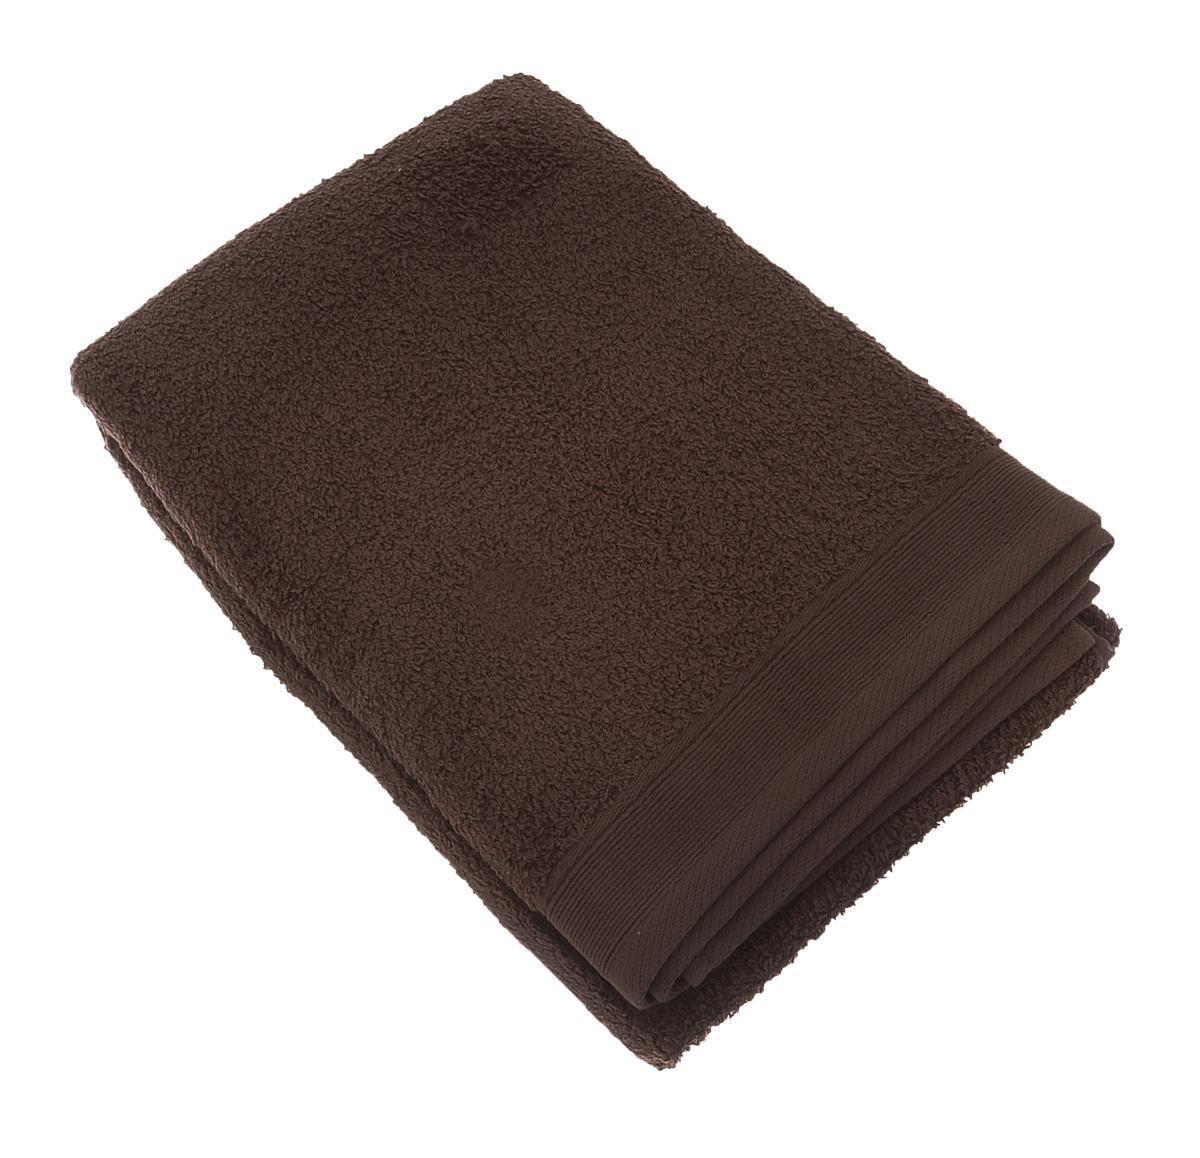 Полотенце махровое Guten Morgen, цвет: какао, 70 см х 140 см1004900000360Махровое полотенце Guten Morgen, изготовленное из натурального хлопка, прекрасно впитывает влагу и быстро сохнет. Высокая плотность ткани делает полотенце мягкими, прочными и пушистыми. При соблюдении рекомендаций по уходу изделие сохраняет яркость цвета и не теряет форму даже после многократных стирок. Махровое полотенце Guten Morgen станет достойным выбором для вас и приятным подарком для ваших близких. Мягкость и высокое качество материала, из которого изготовлено полотенце, не оставит вас равнодушными.